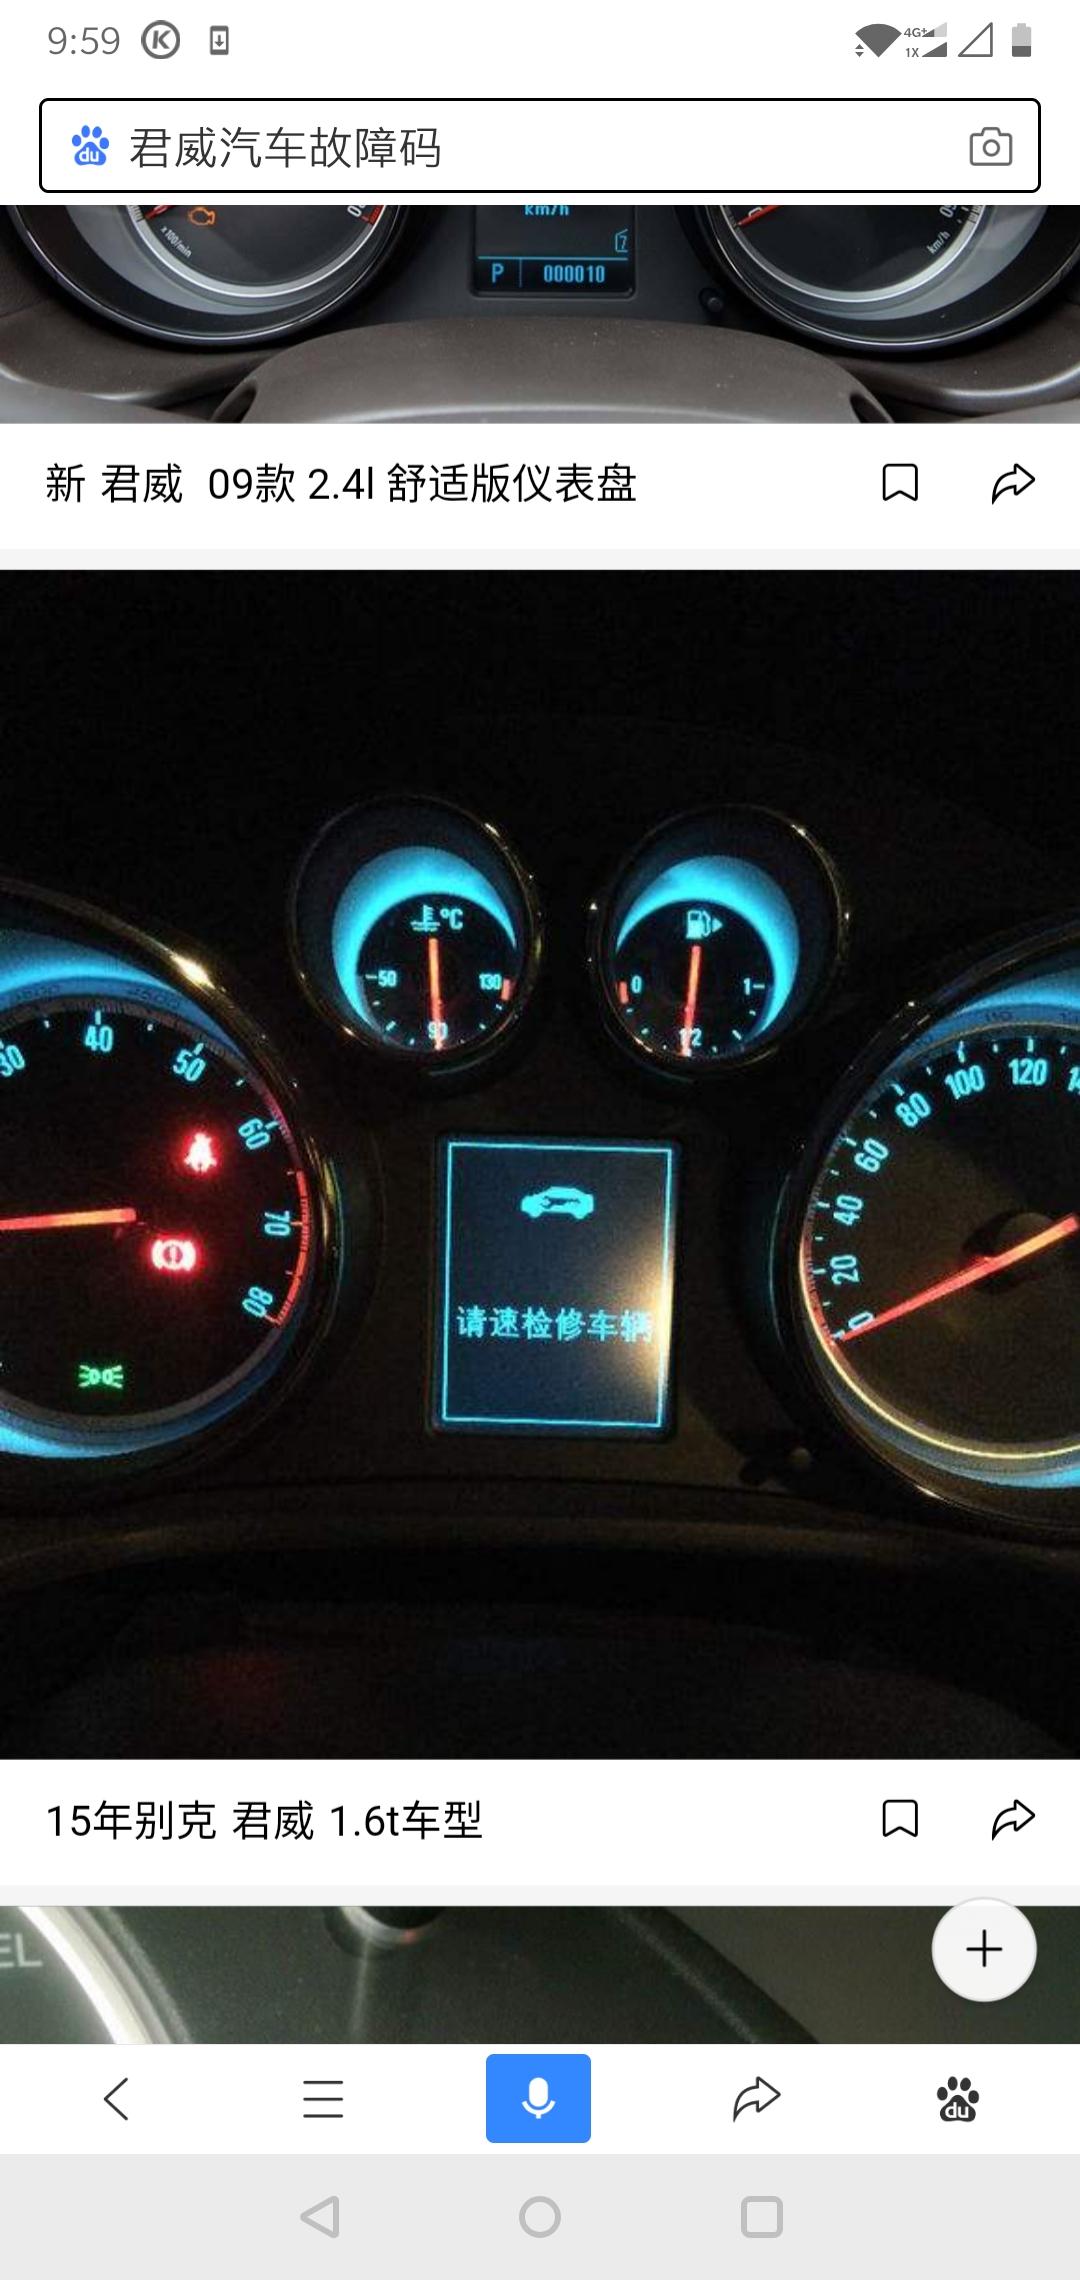 上汽通用-君威 汽车冷却液箱闹液体两次了,发动机噪音大